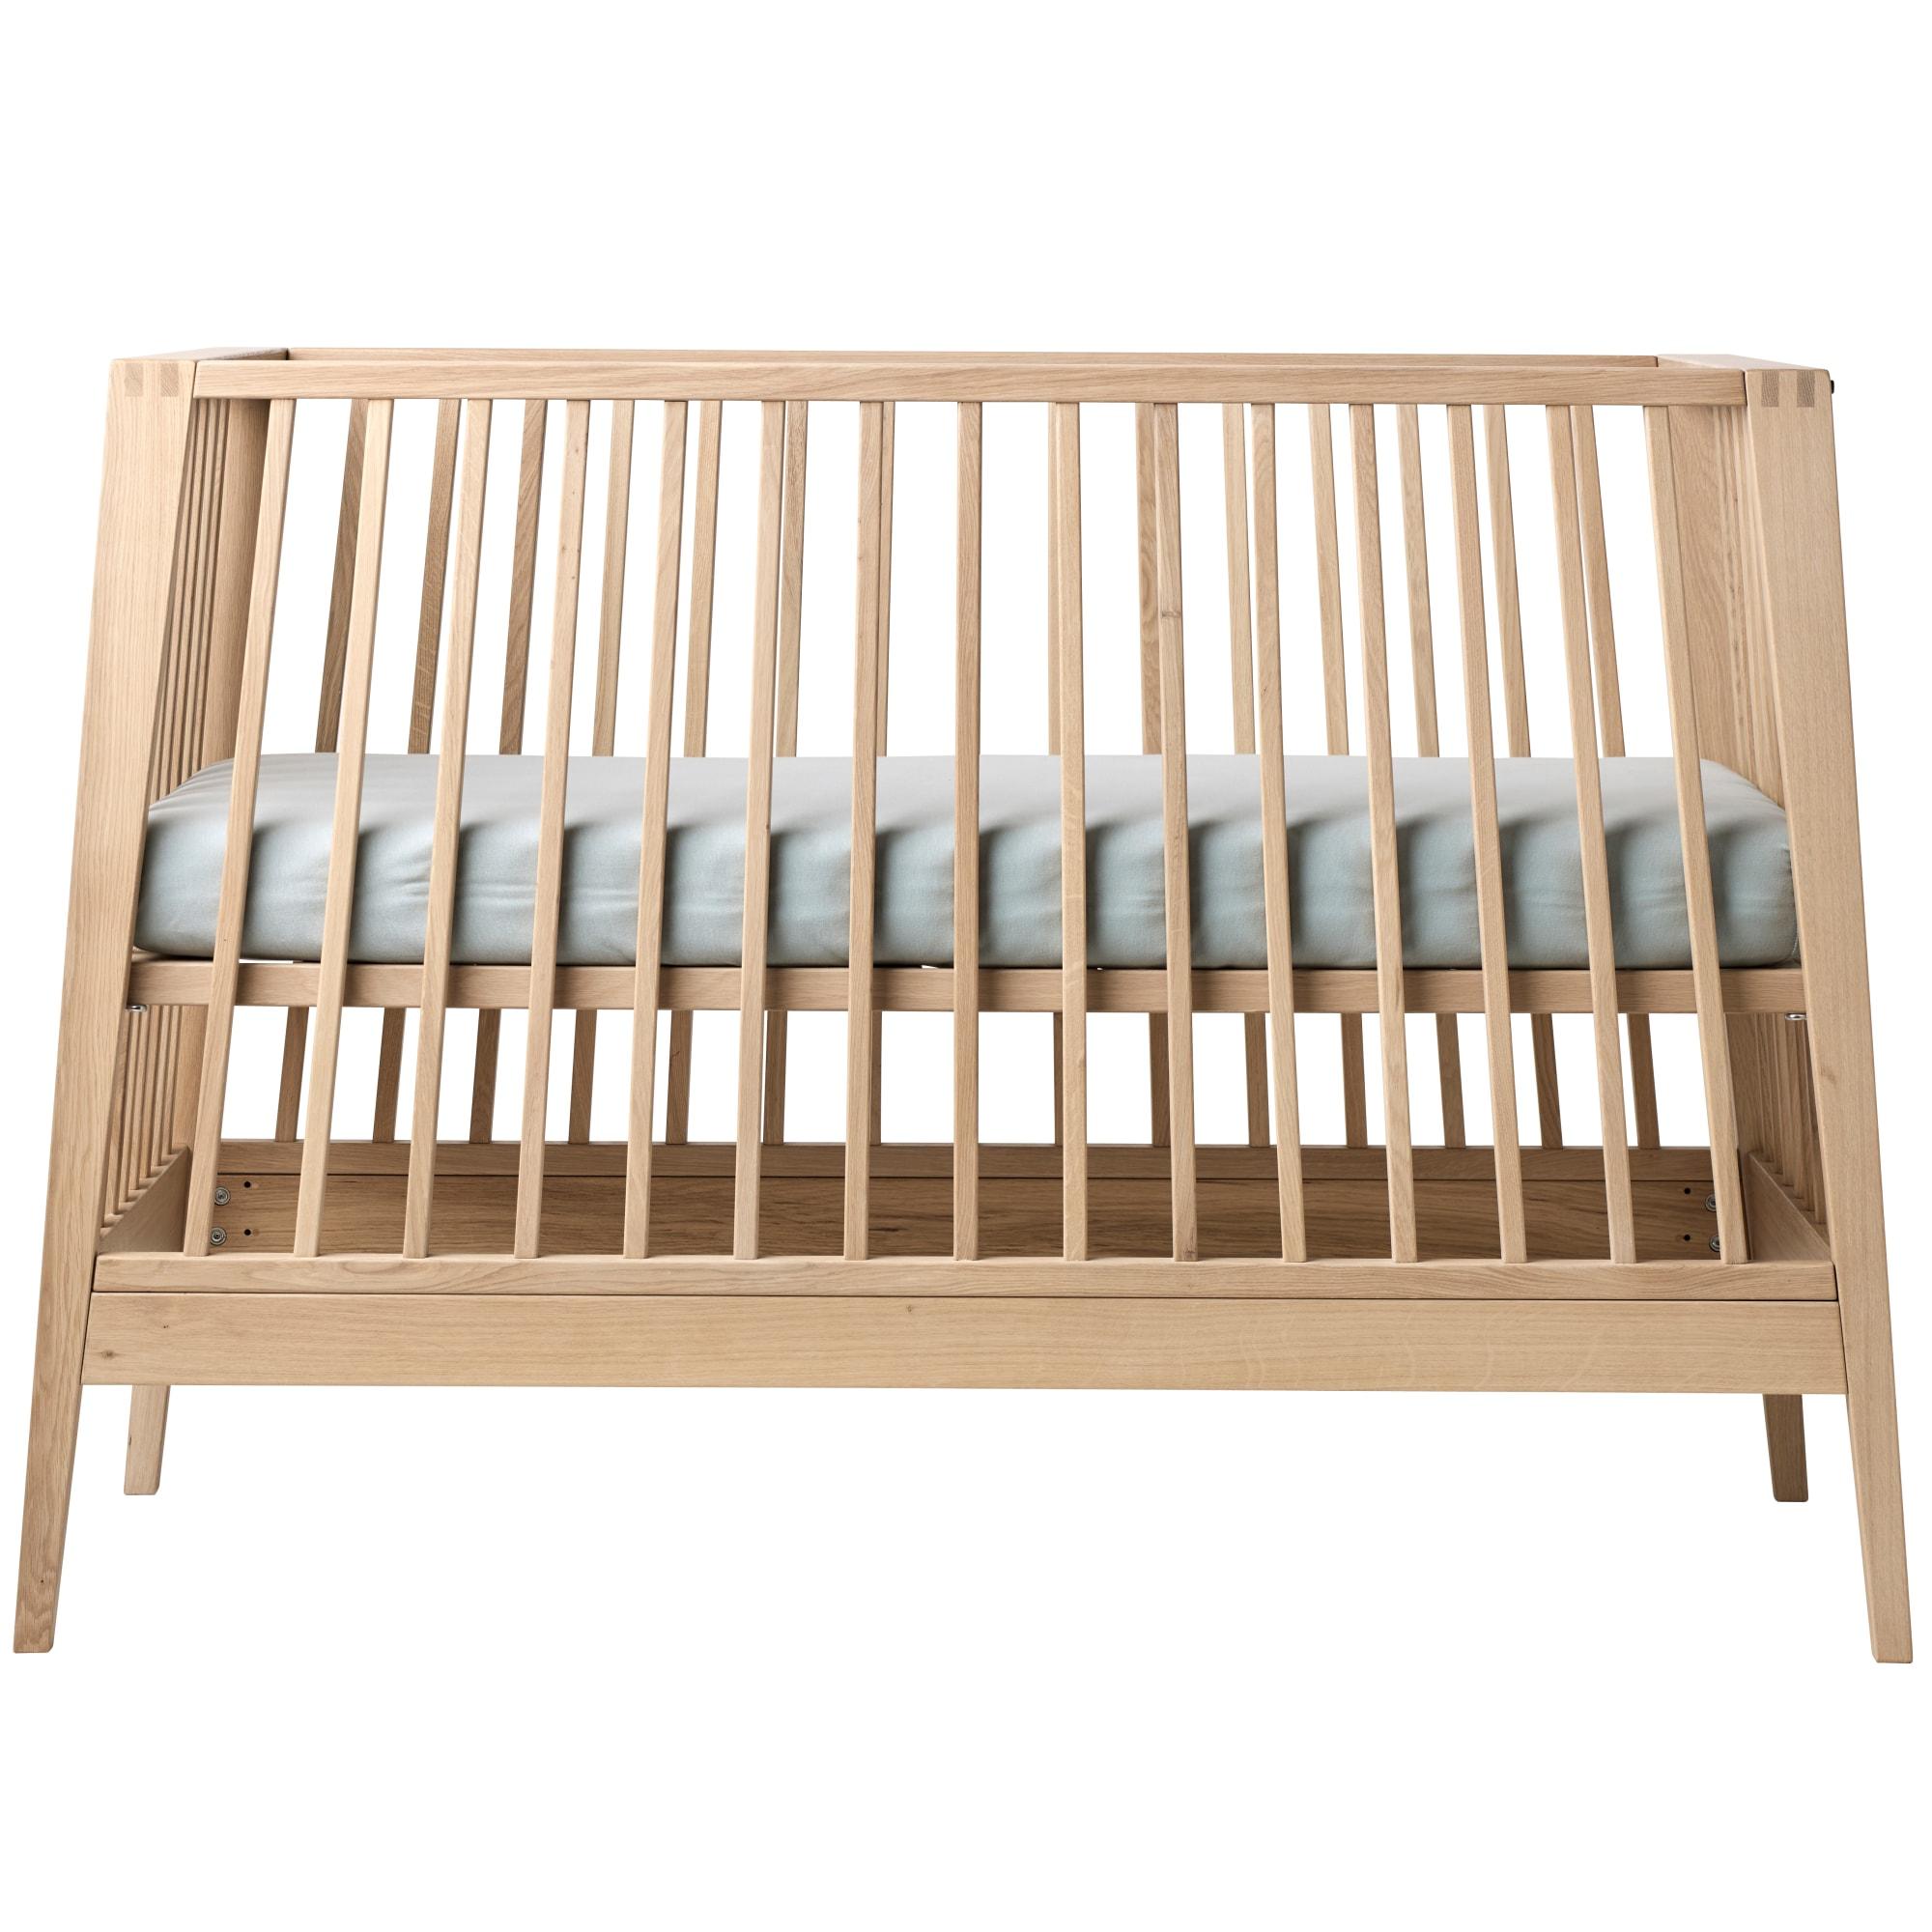 Dansk design i topkvalitet - Kan forvandles fra seng til sofa